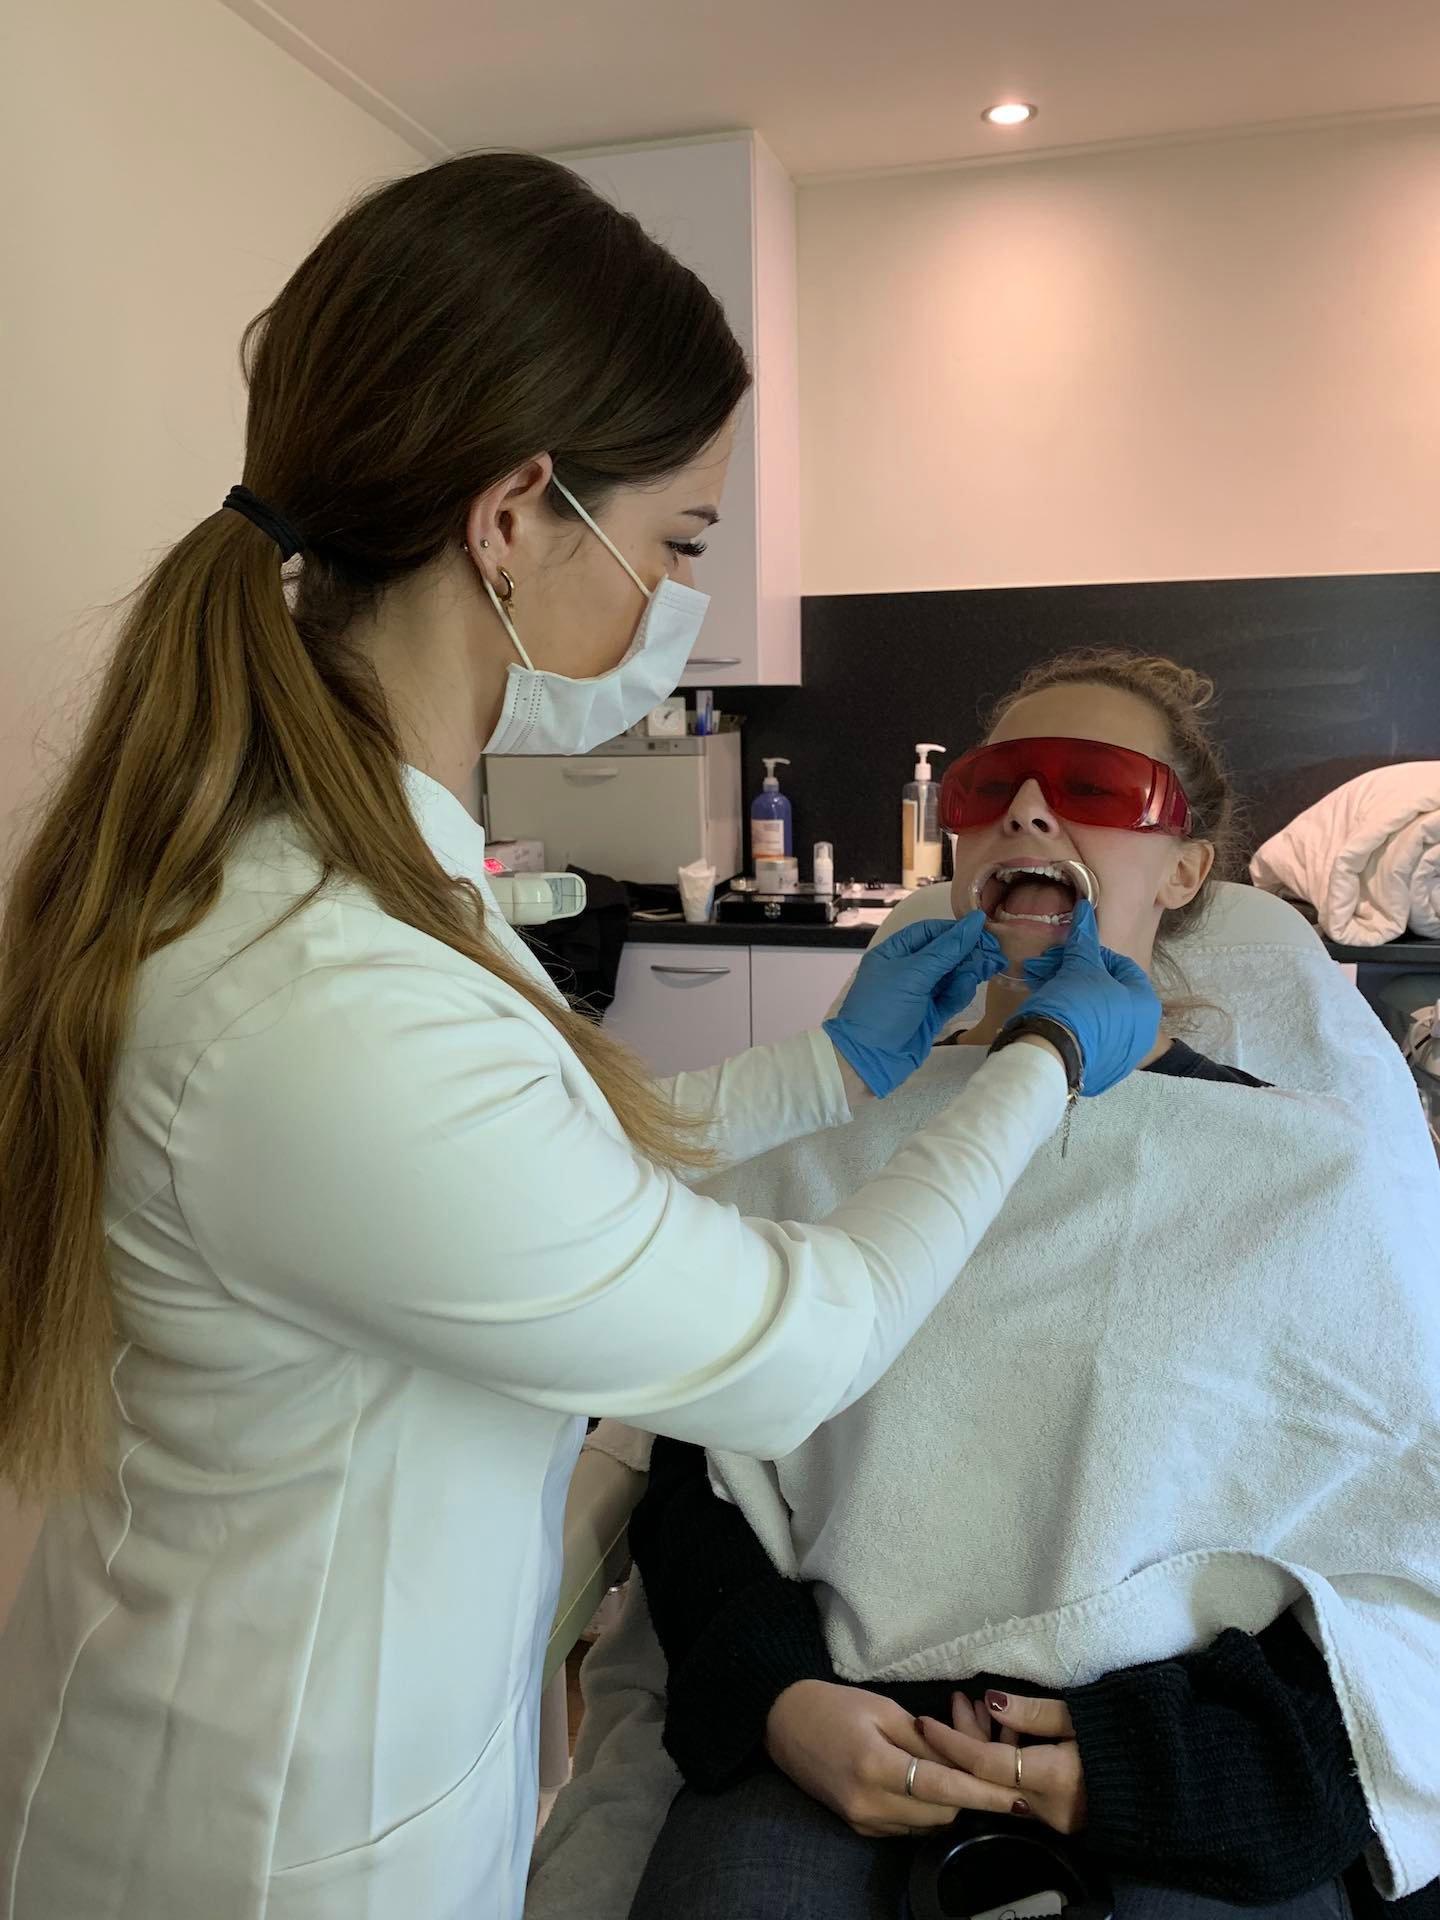 Behandeling cursus tandcosmeticus